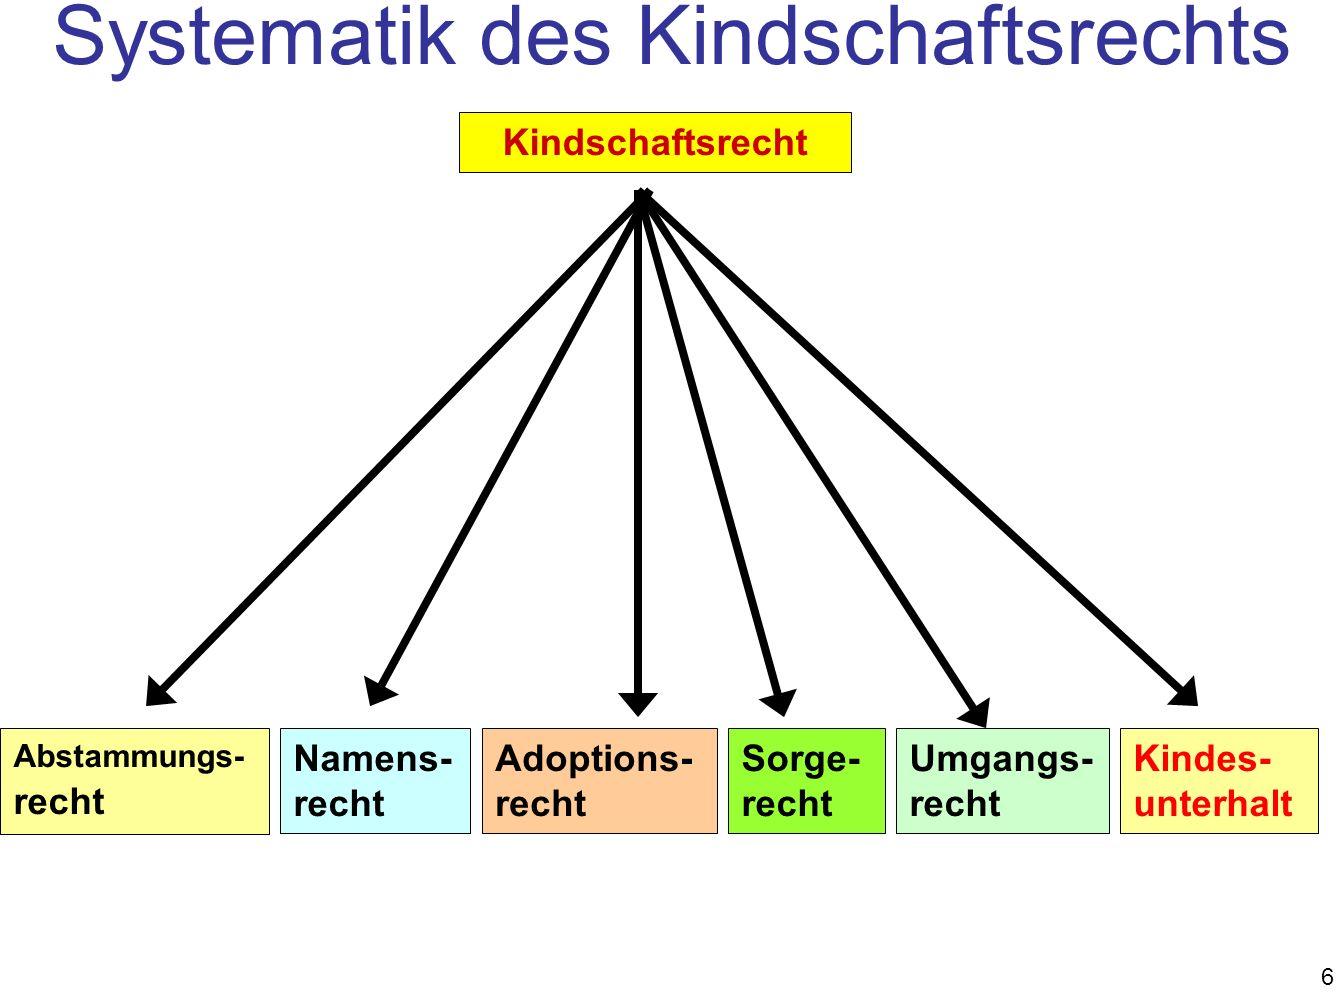 Systematik des Kindschaftsrechts